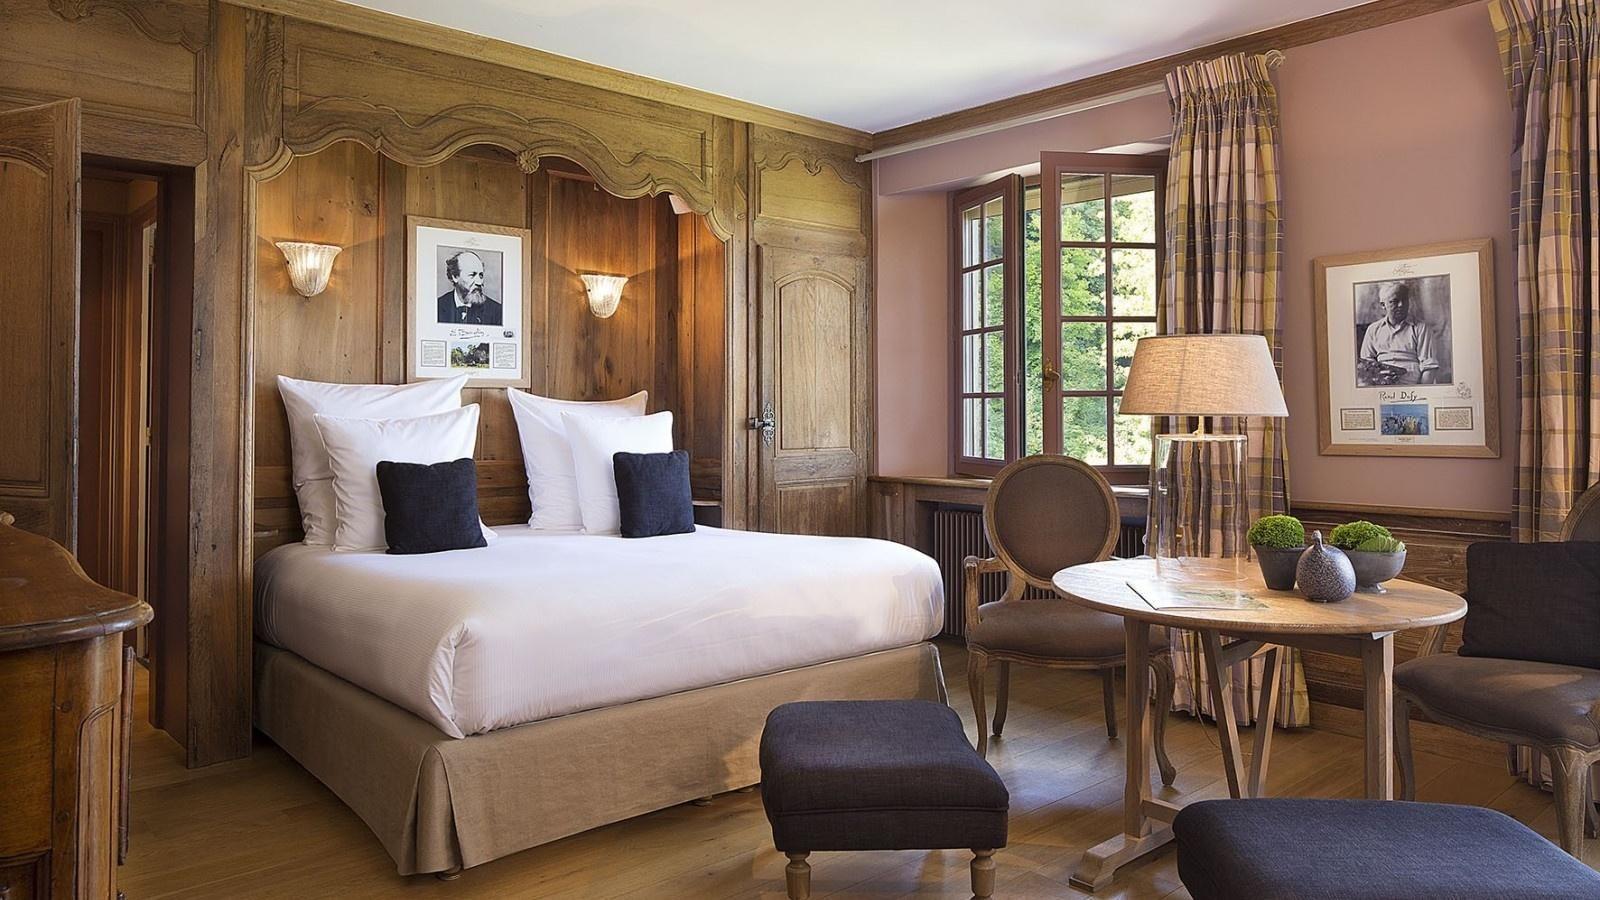 Hôtel La Ferme Saint Siméon - Chambre Double Deluxe